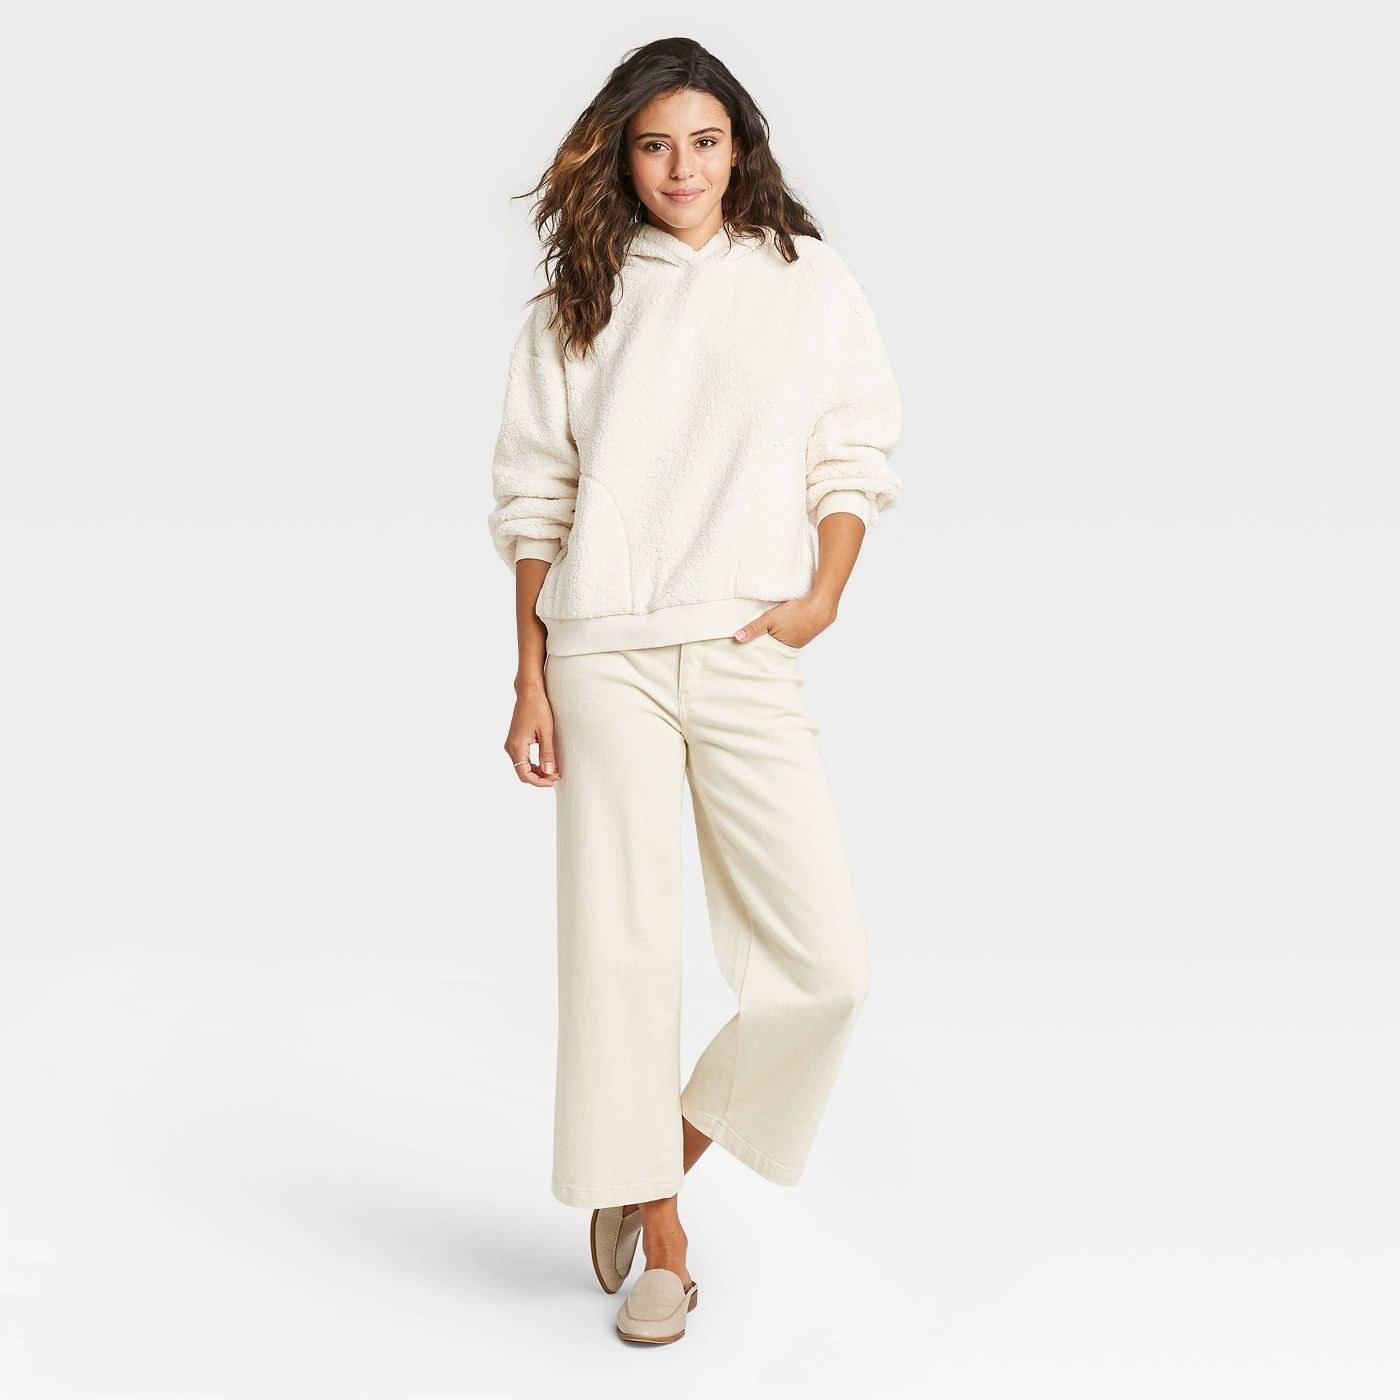 Model in cream sherpa hooded sweatshirt